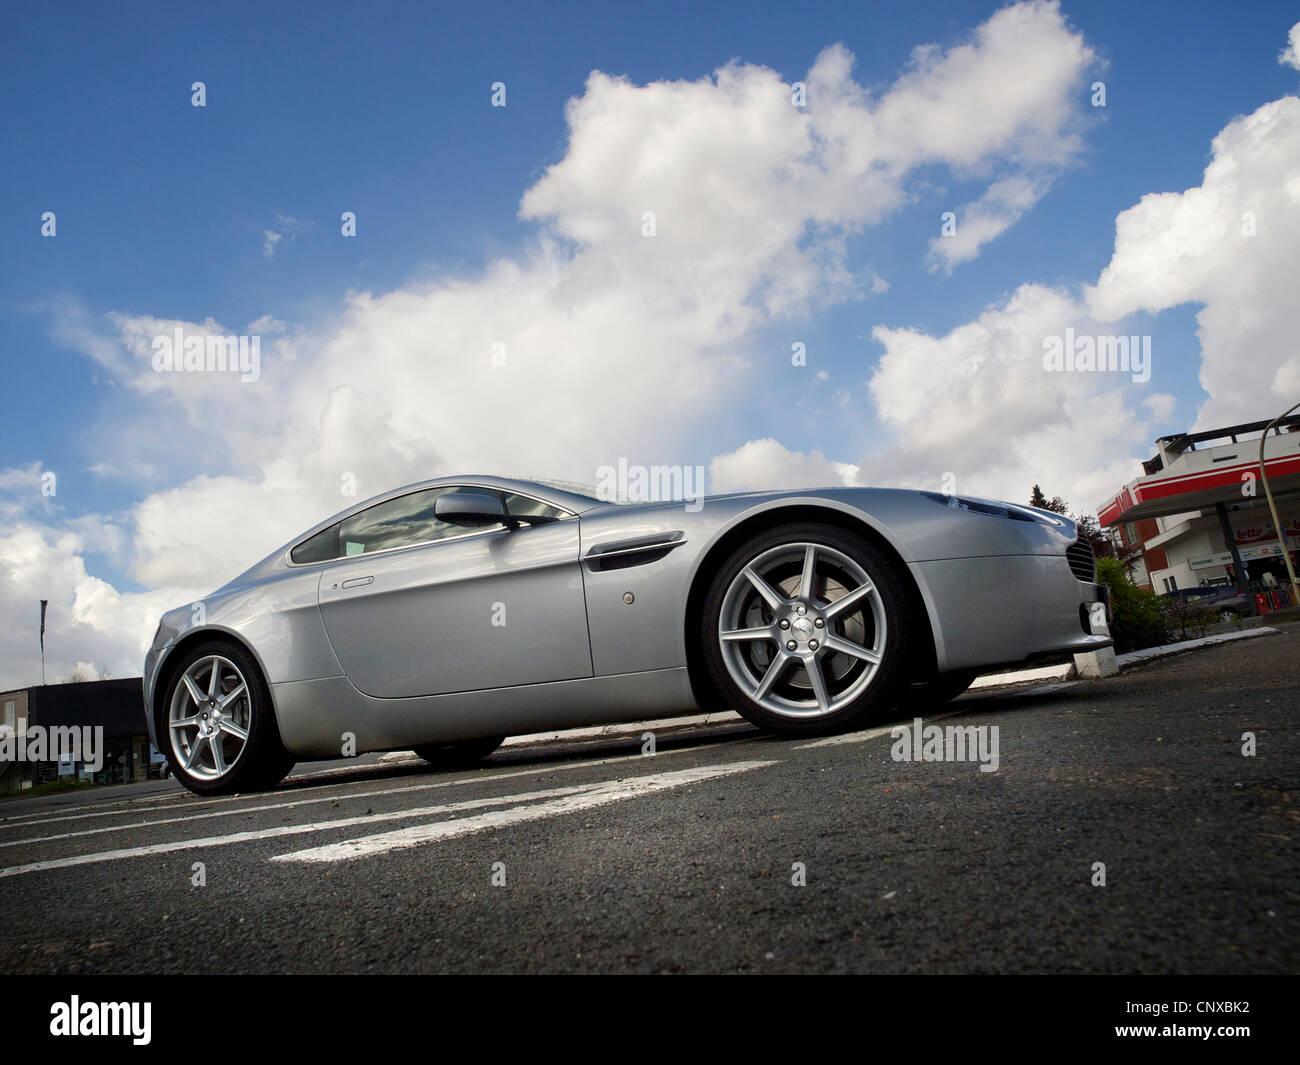 Aston Martin-Luxus-Sportwagen mit dramatischer Himmel im Hintergrund geparkt Stockbild